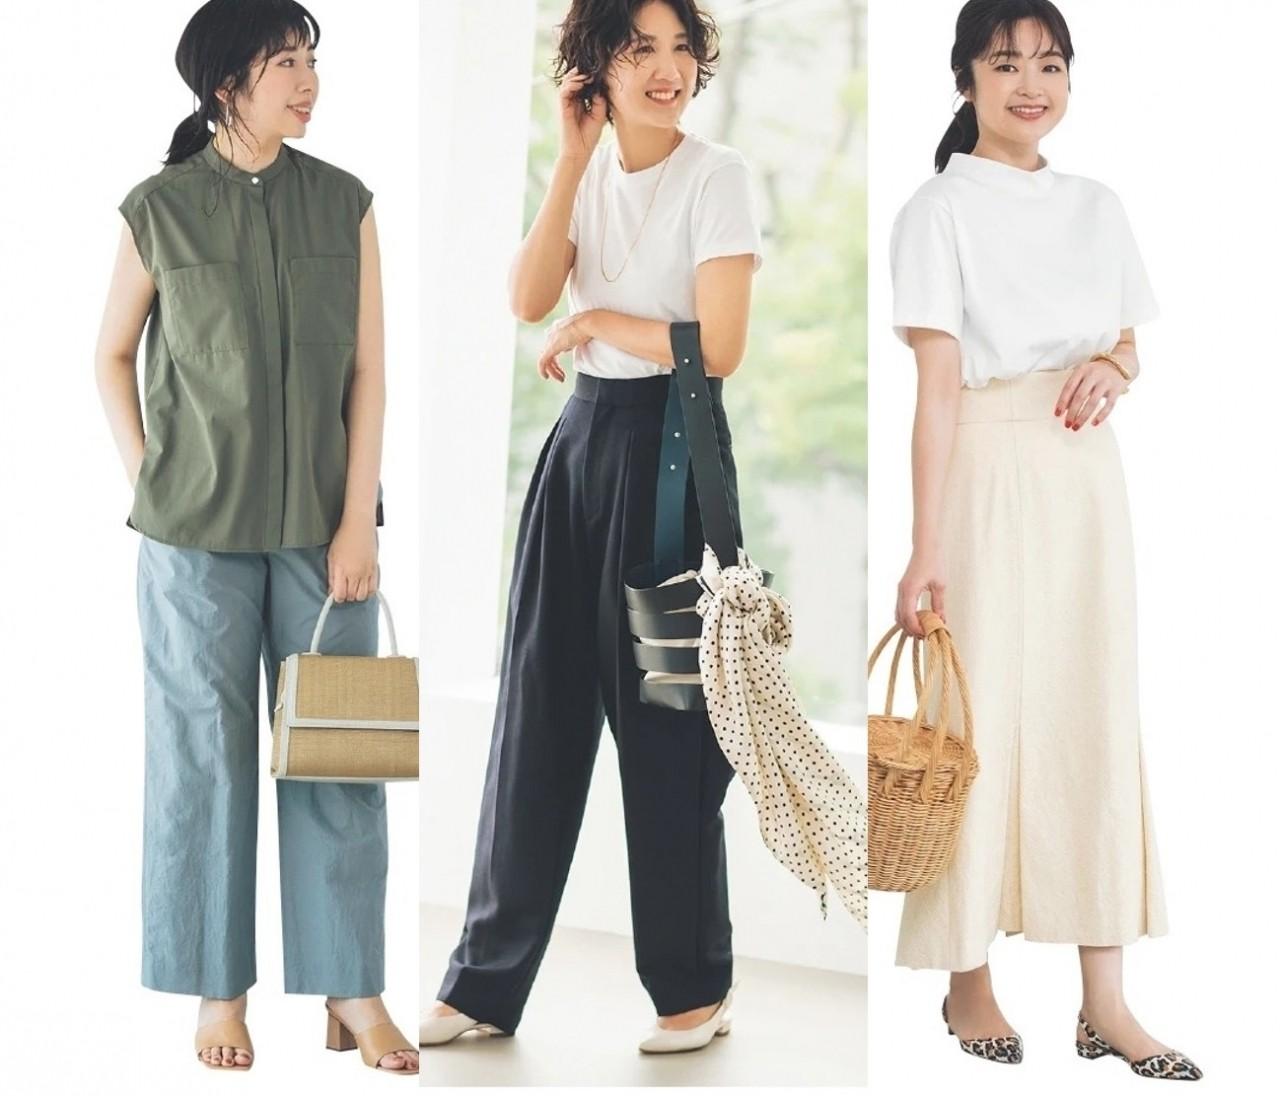 【2020年夏ファッションQ&Aまとめ】大人のスタイルアップからおうちコーデまでスタイリストがアンサー!